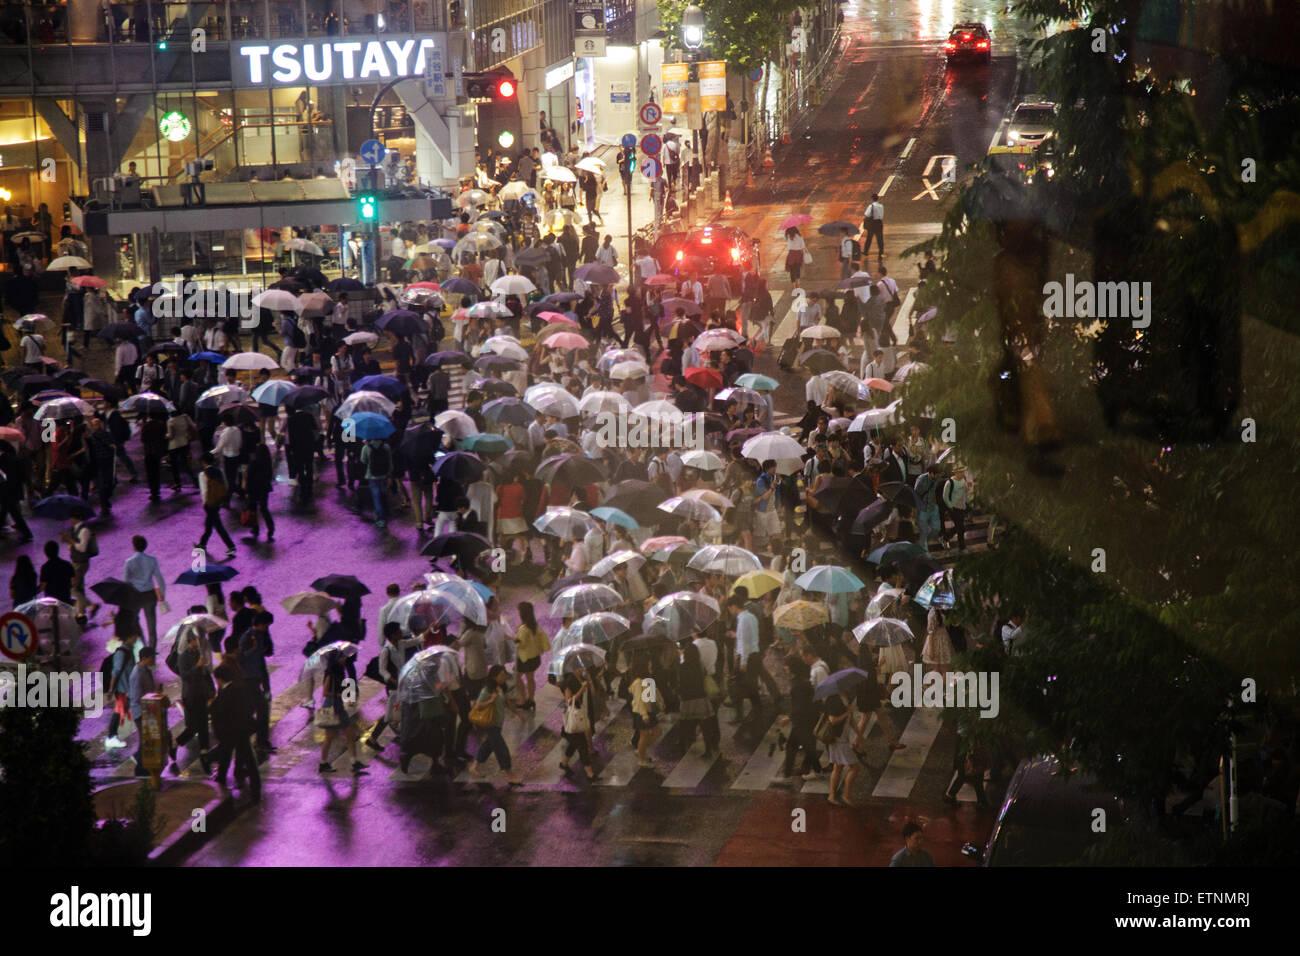 Menschen Sie mit Regenschirmen in einer regnerischen Nacht, überqueren die Straße Kreuzung genannt Kreuzung Stockbild